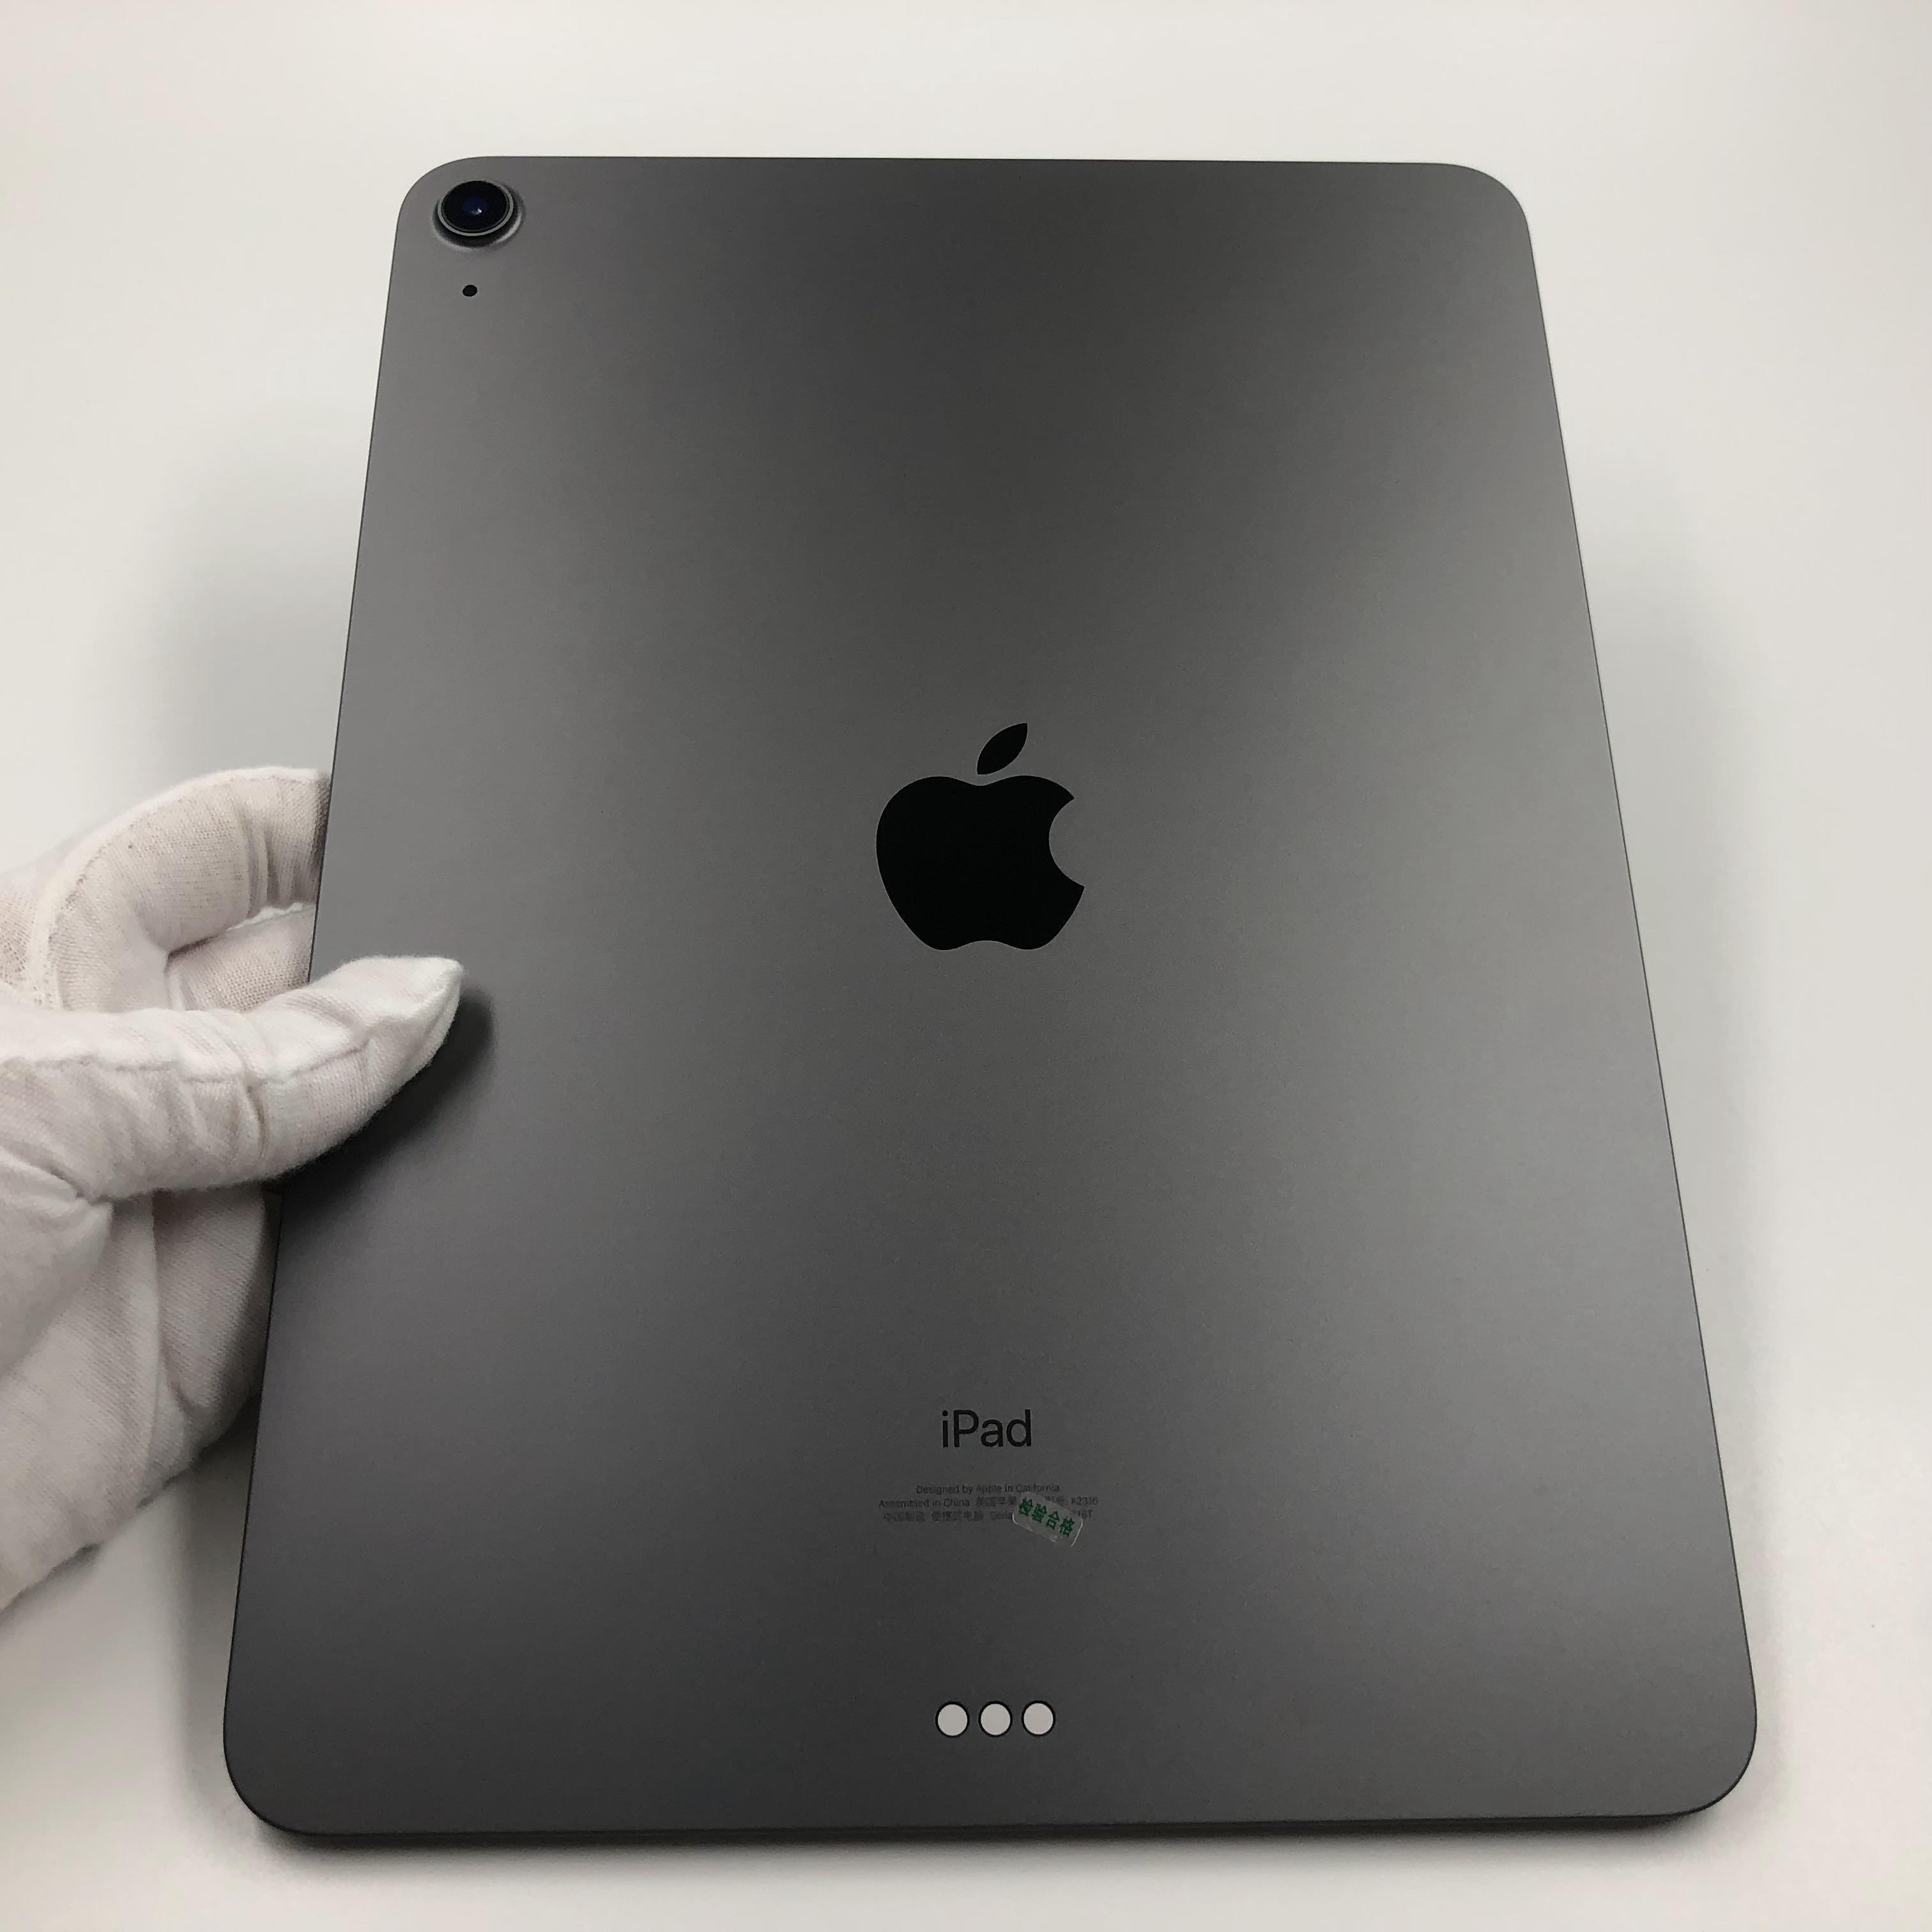 苹果【iPad Air4 10.9英寸 20款】WIFI版 深空灰 256G 国行 95新 真机实拍官保2021-12-13